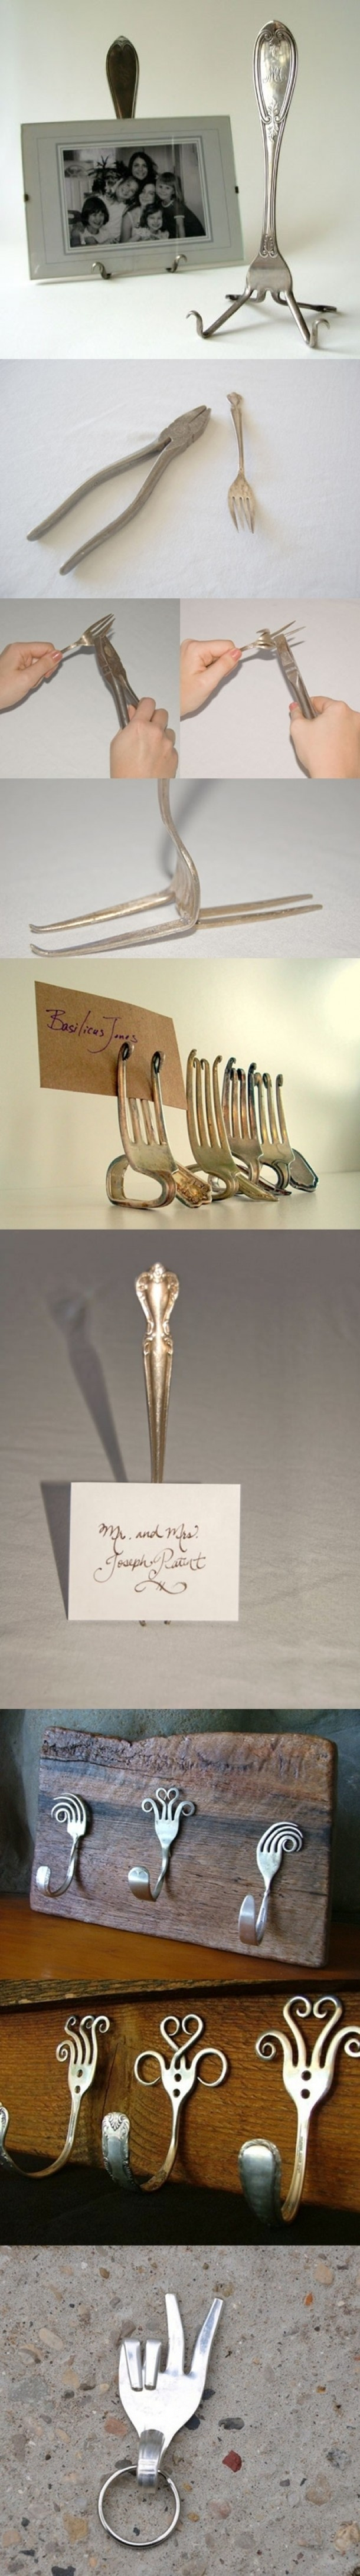 knutselen lente   creatief met een vork Door dds